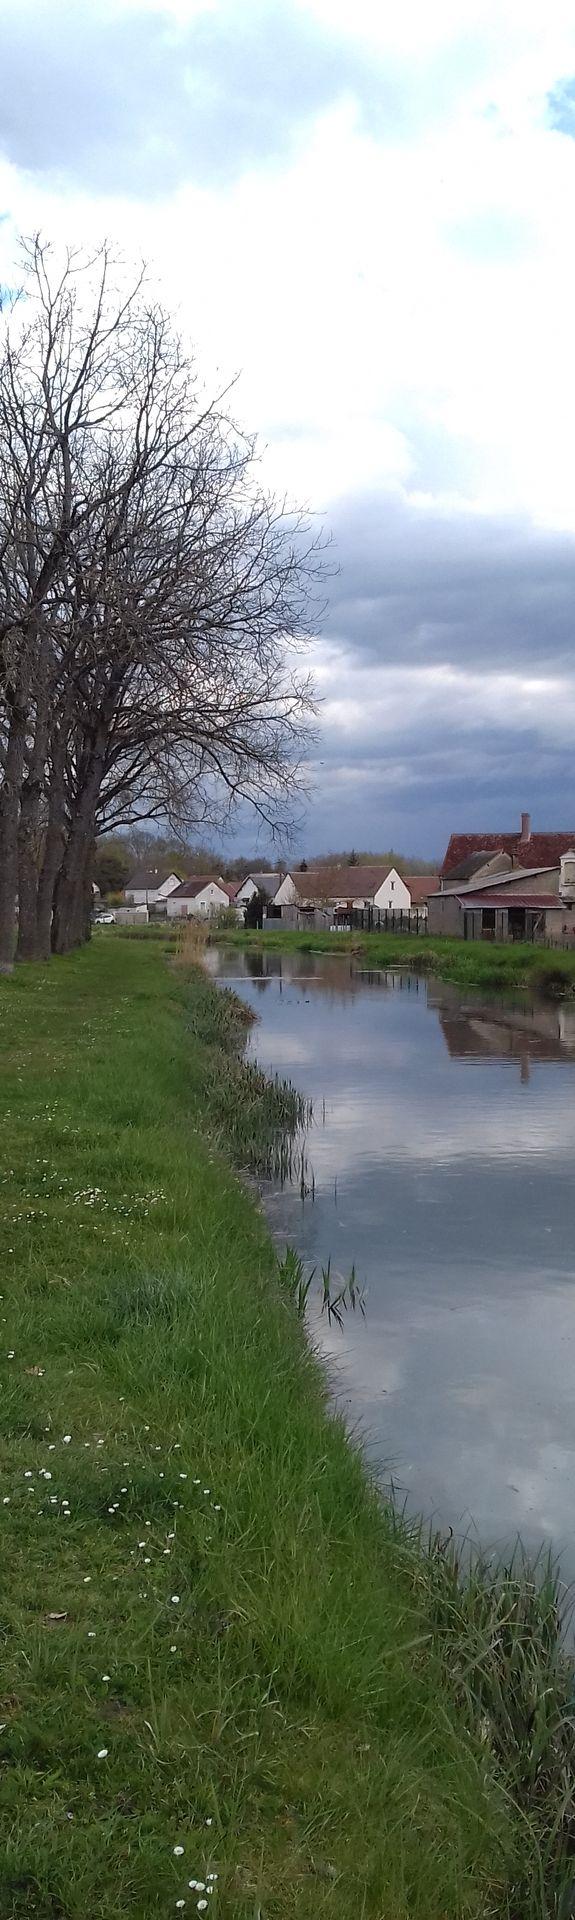 Faverolles (Midt - Loiredalen), Indre (departement), Frankrig